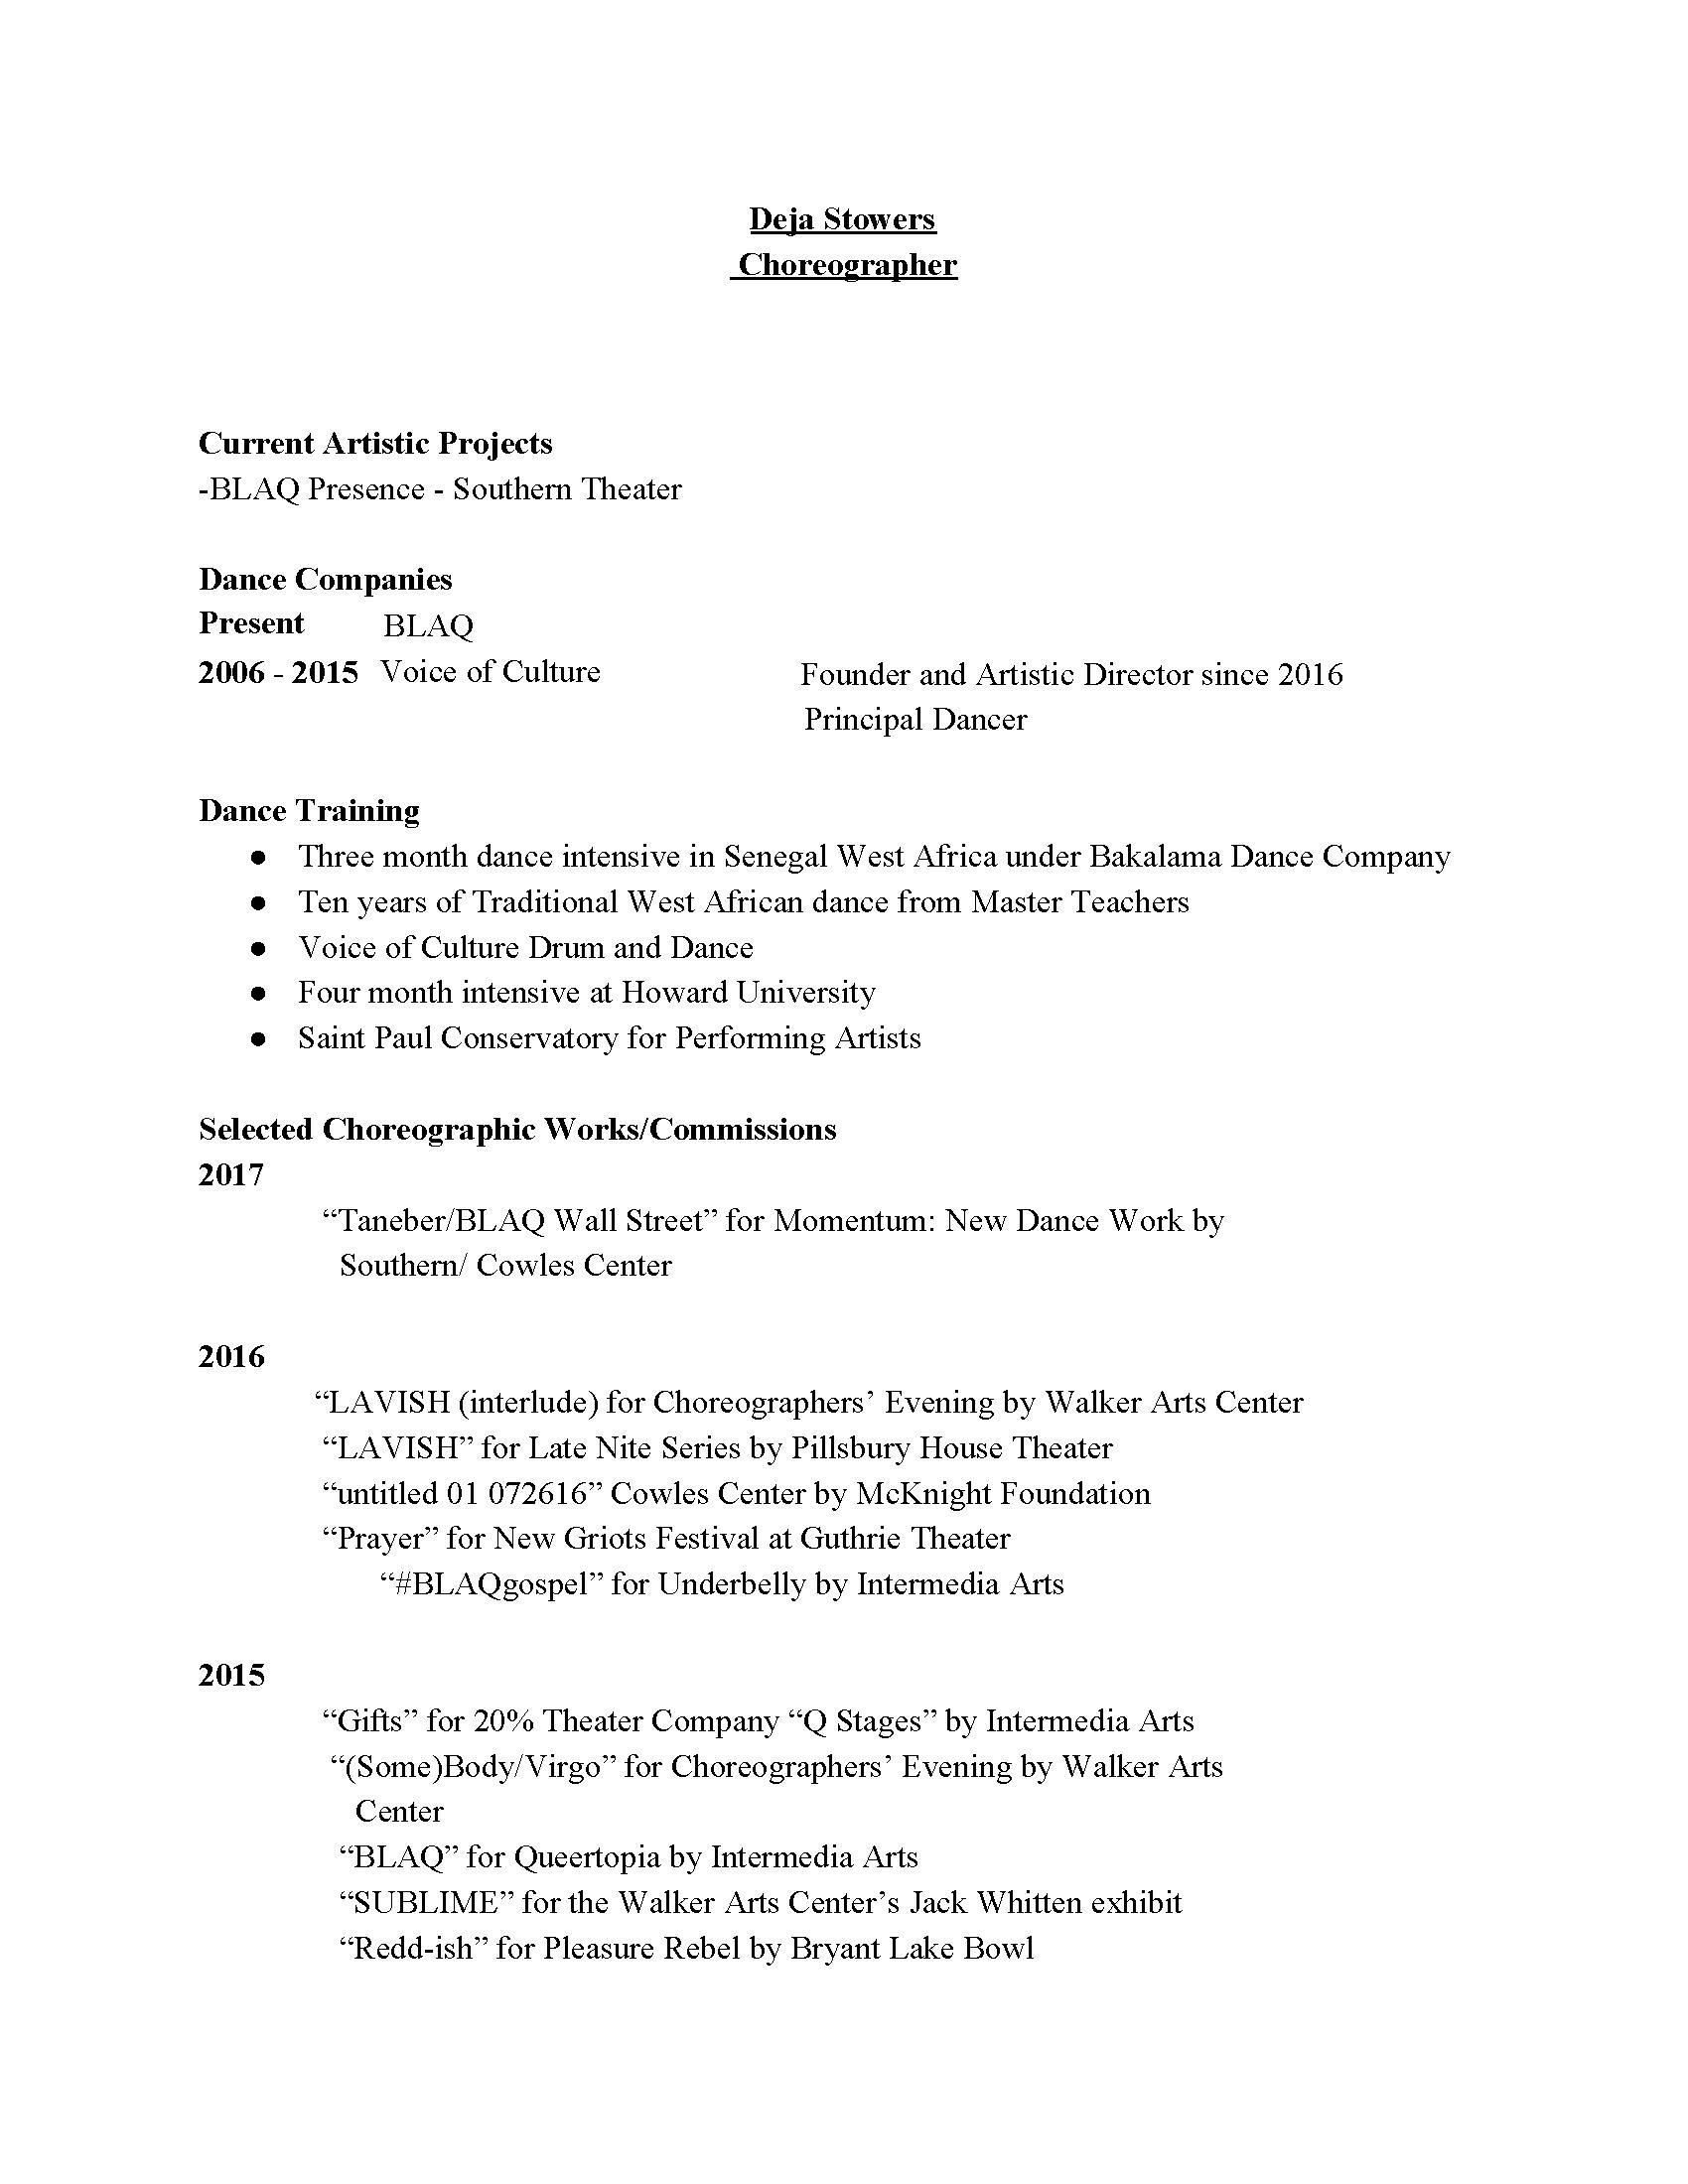 Choreographer Resumes (1)_Page_5.jpg